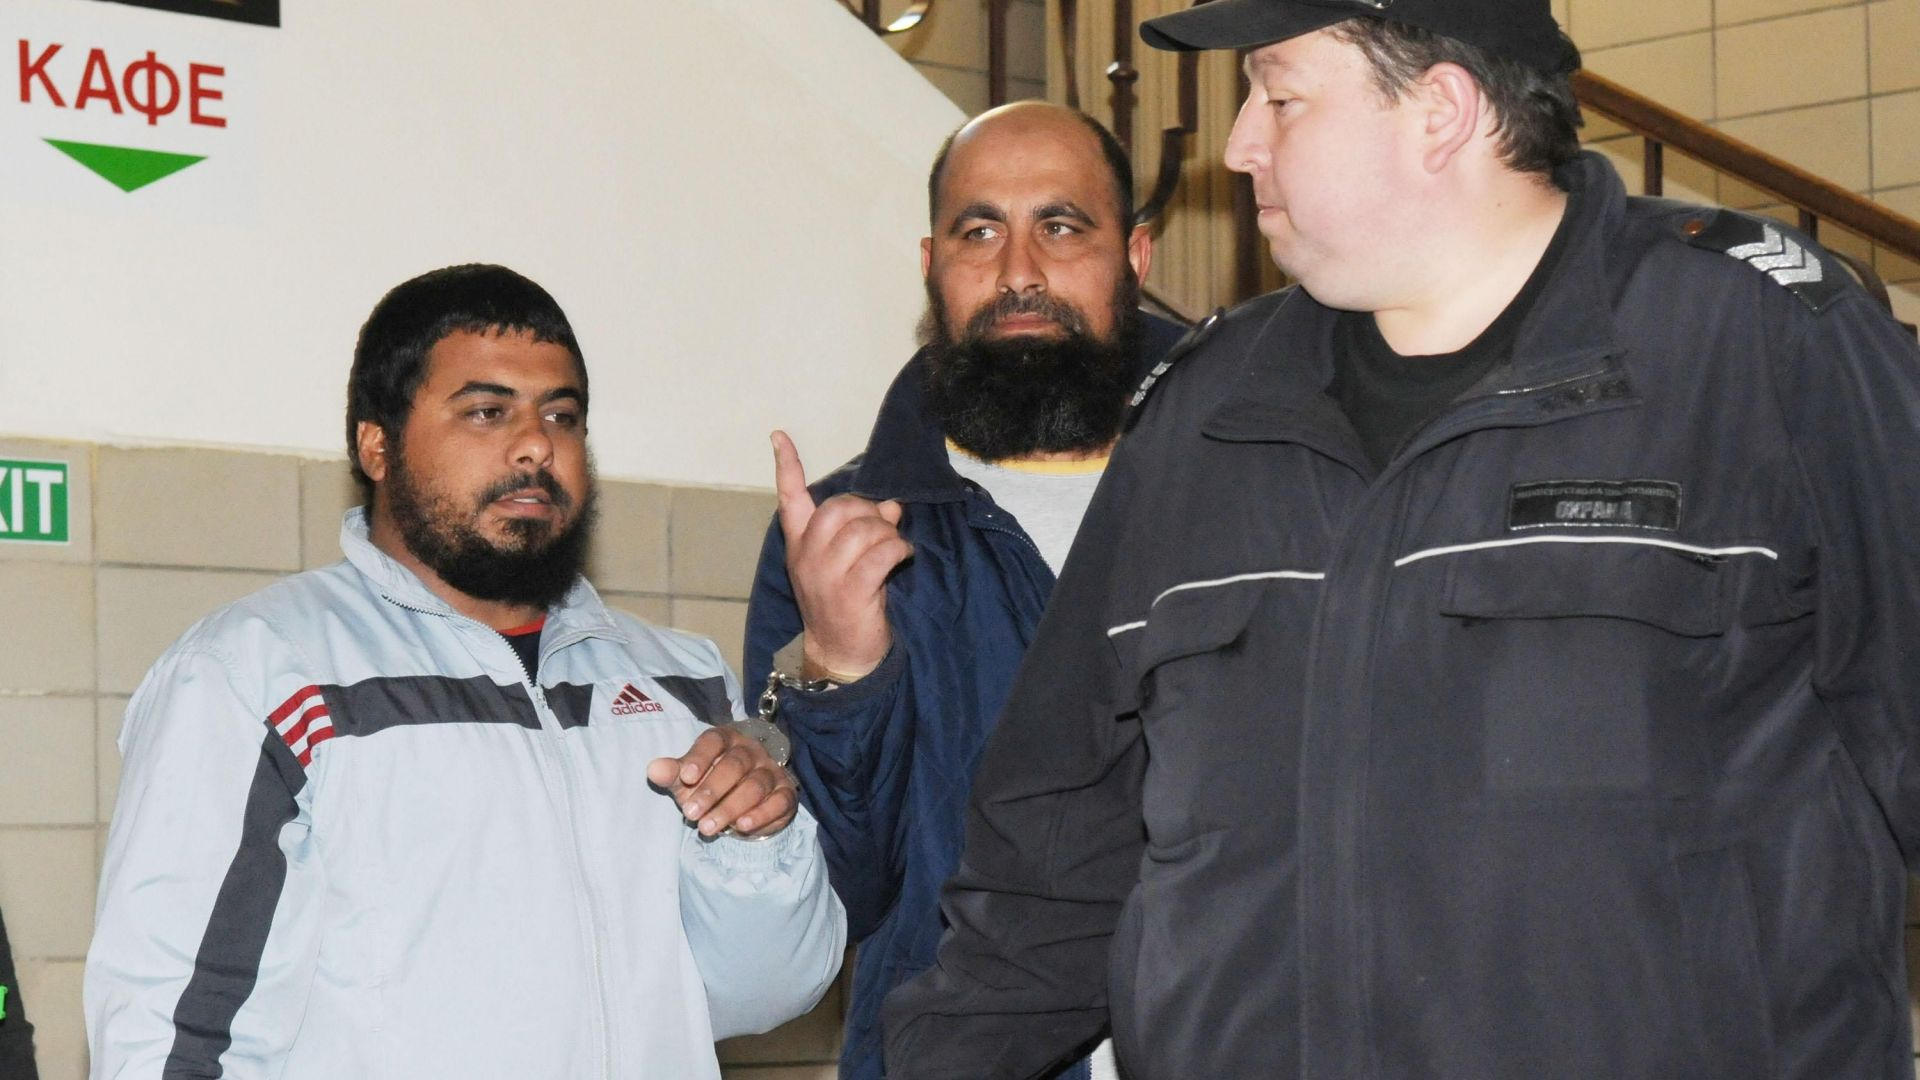 Втори съд гледа делото срещу 14-те подсъдими за радикален ислям